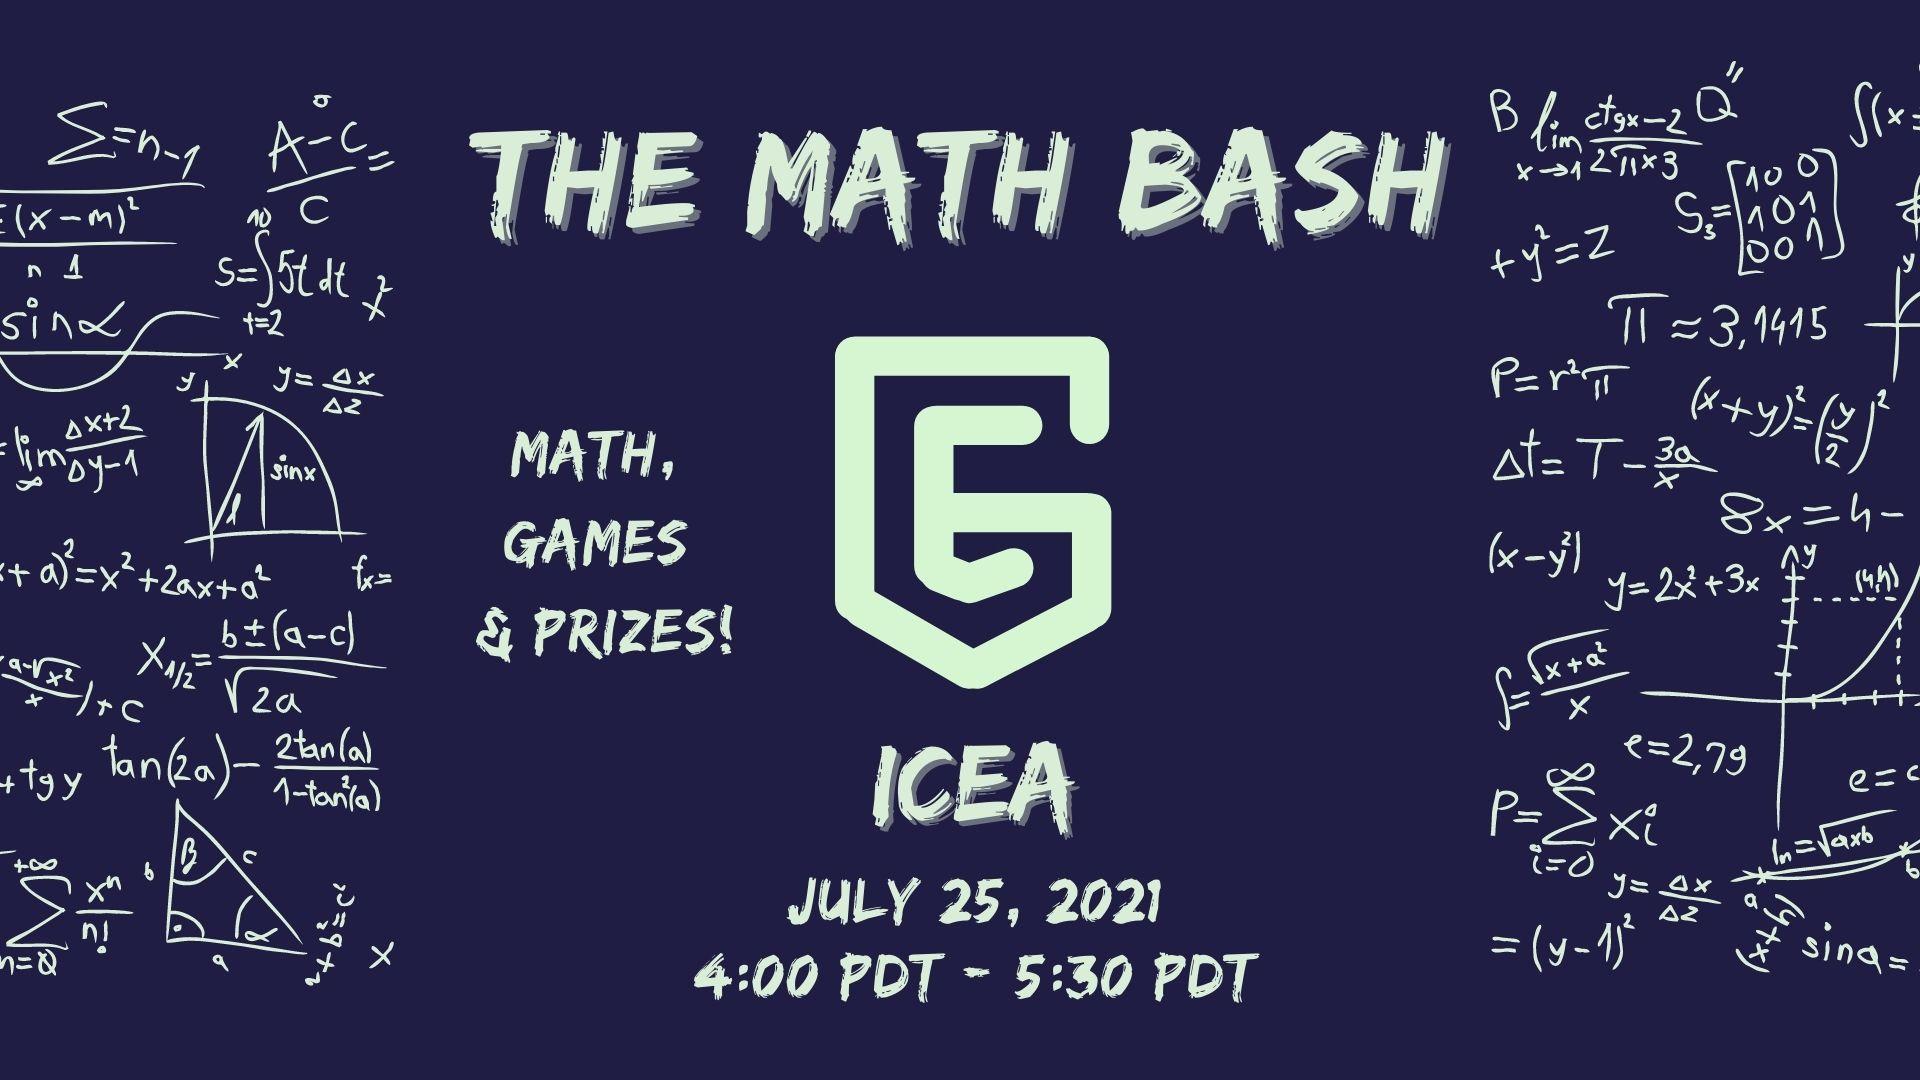 [Free] ICEA Math Club Summer Event: The Math Bash